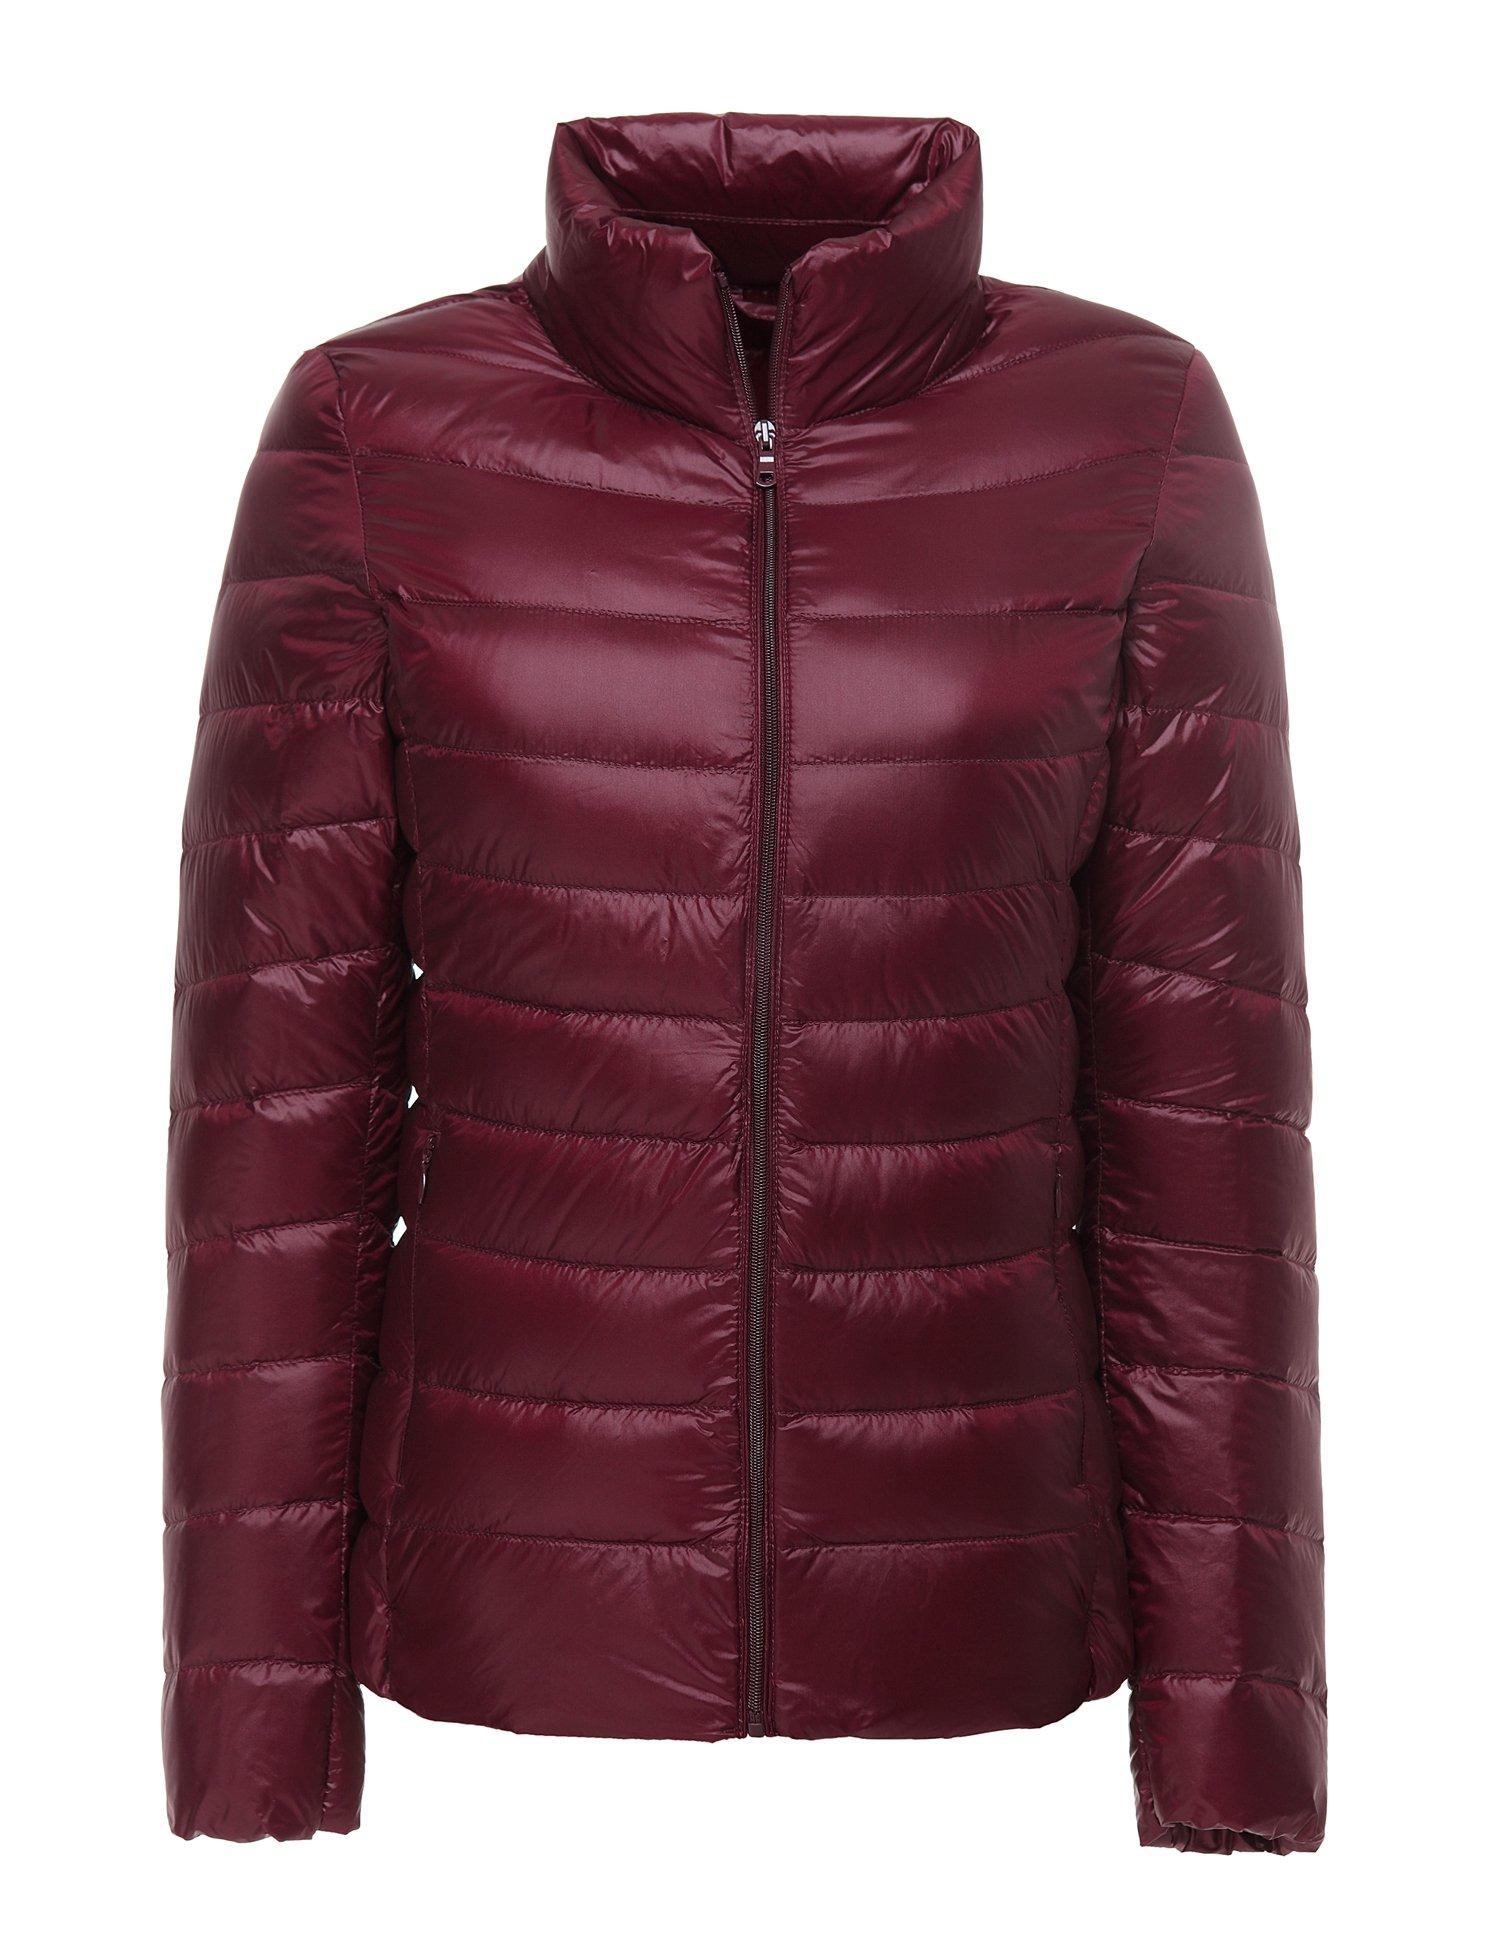 CHERRY CHICK Women's Ultralight Down Jacket(Medium, Burgundy)